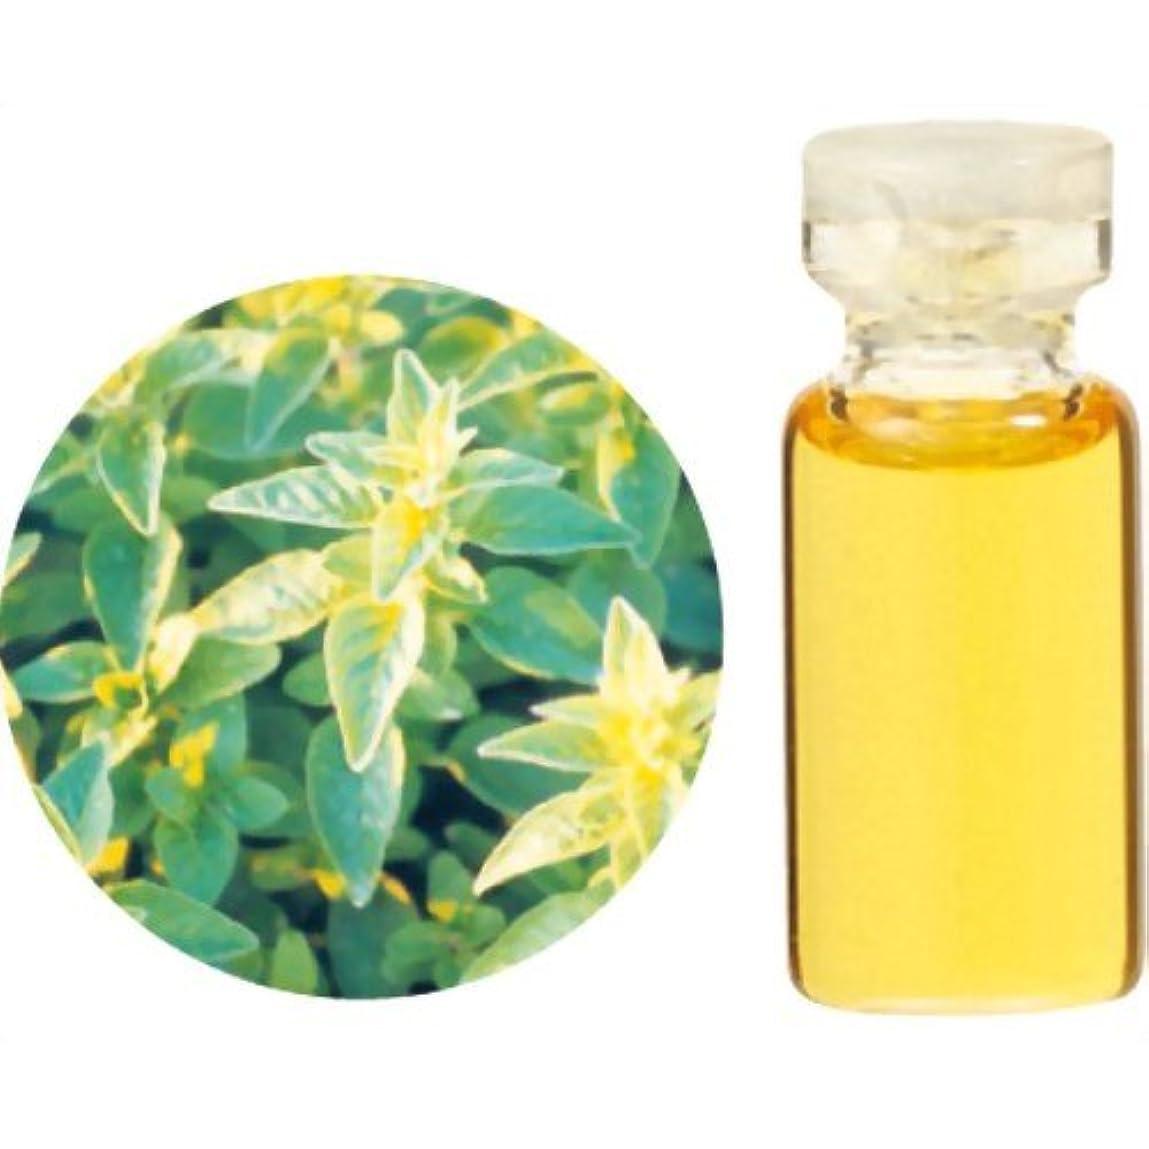 パブ血統気づかない生活の木 Herbal Life レアバリューオイル メリッサ 1ml